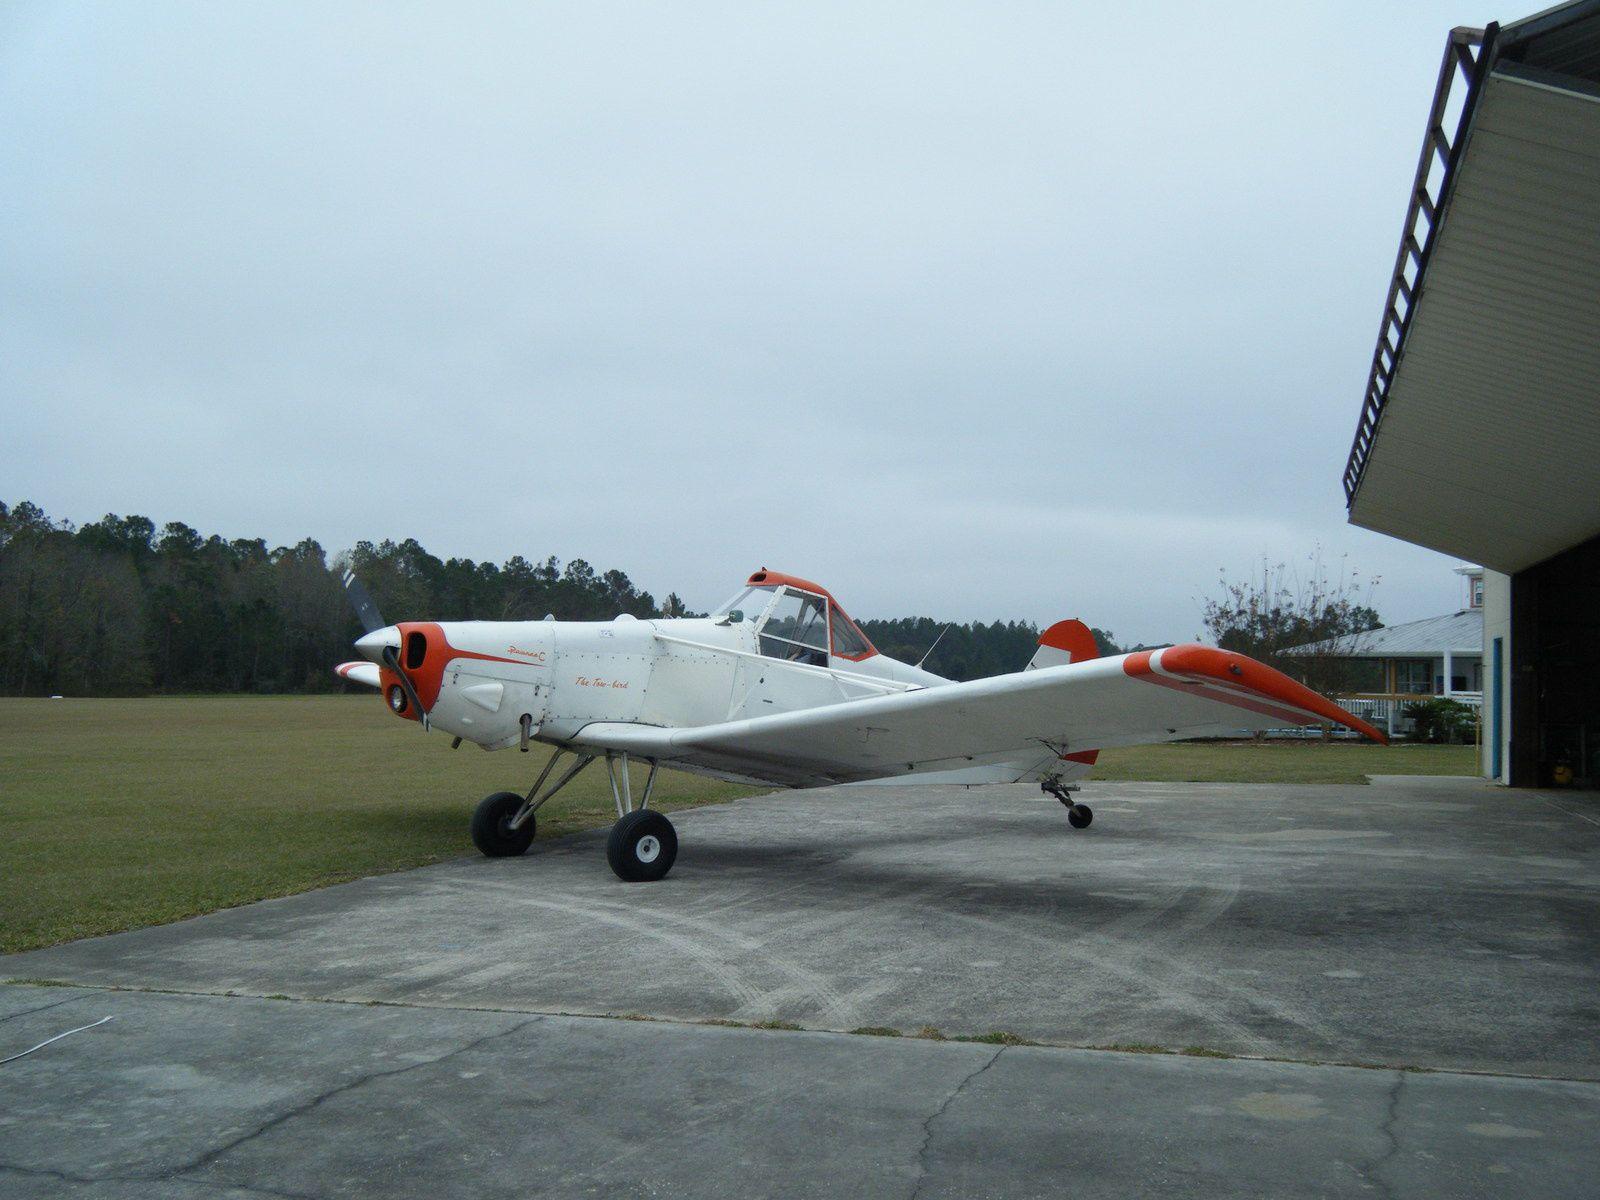 """Cet avion est un Piper Pawnee, un remorqueur pour mettre les """"gliders"""" en l'air !"""